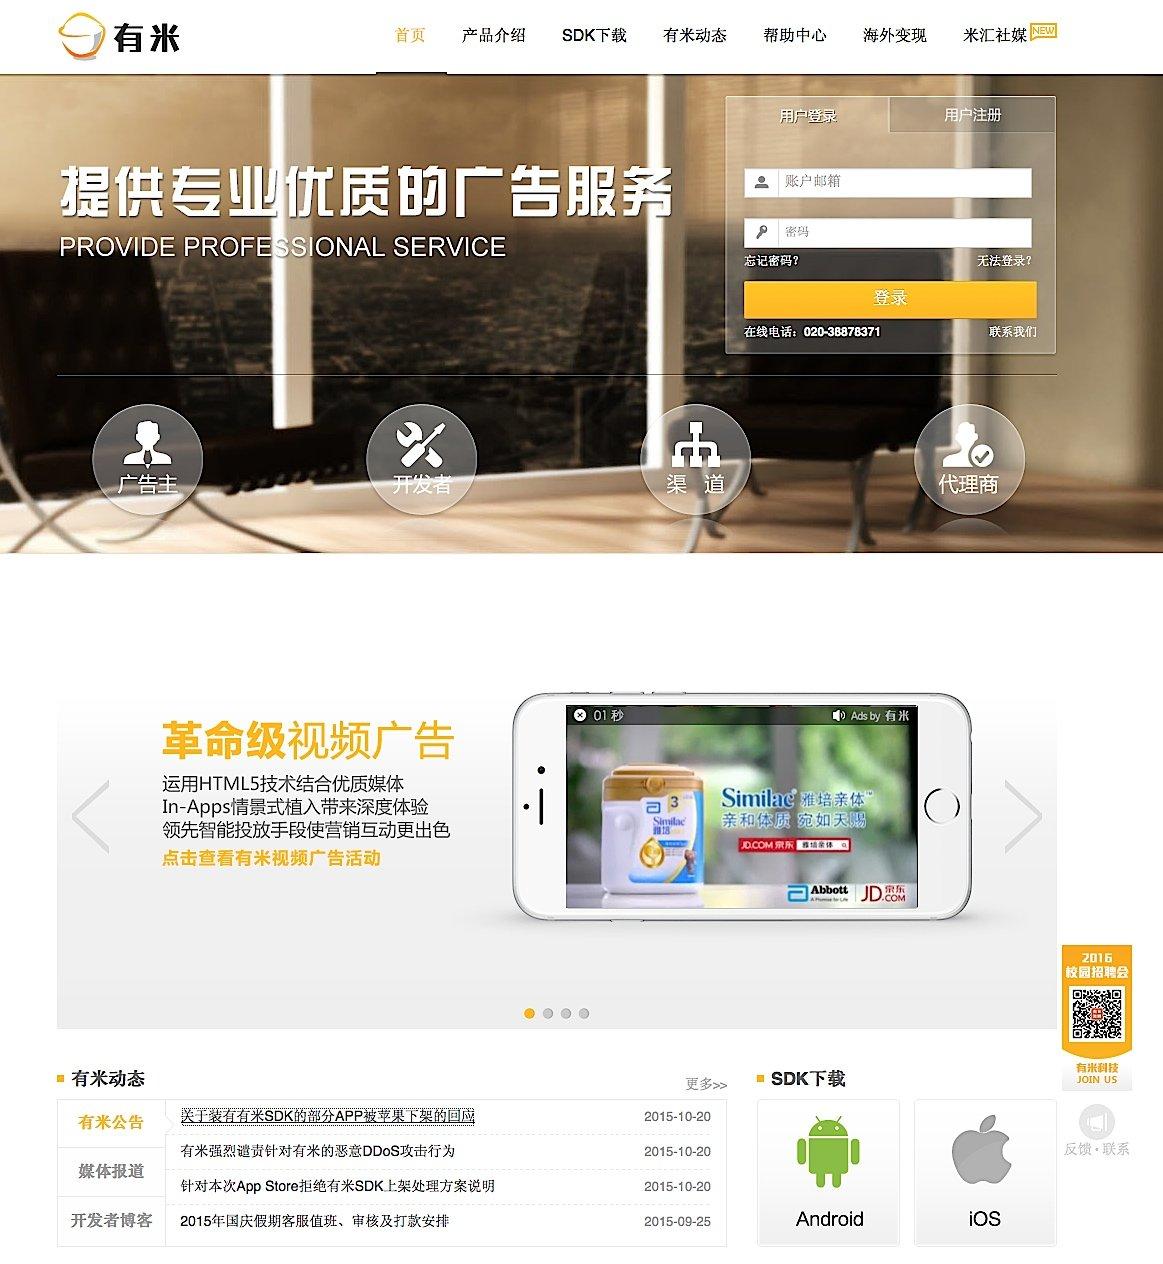 Youmi-Webseite: Die von der Spionage betroffenen Apps sollen die ausspionierten Daten an die chinesischen Werbefirma Youmi weiterleiten.